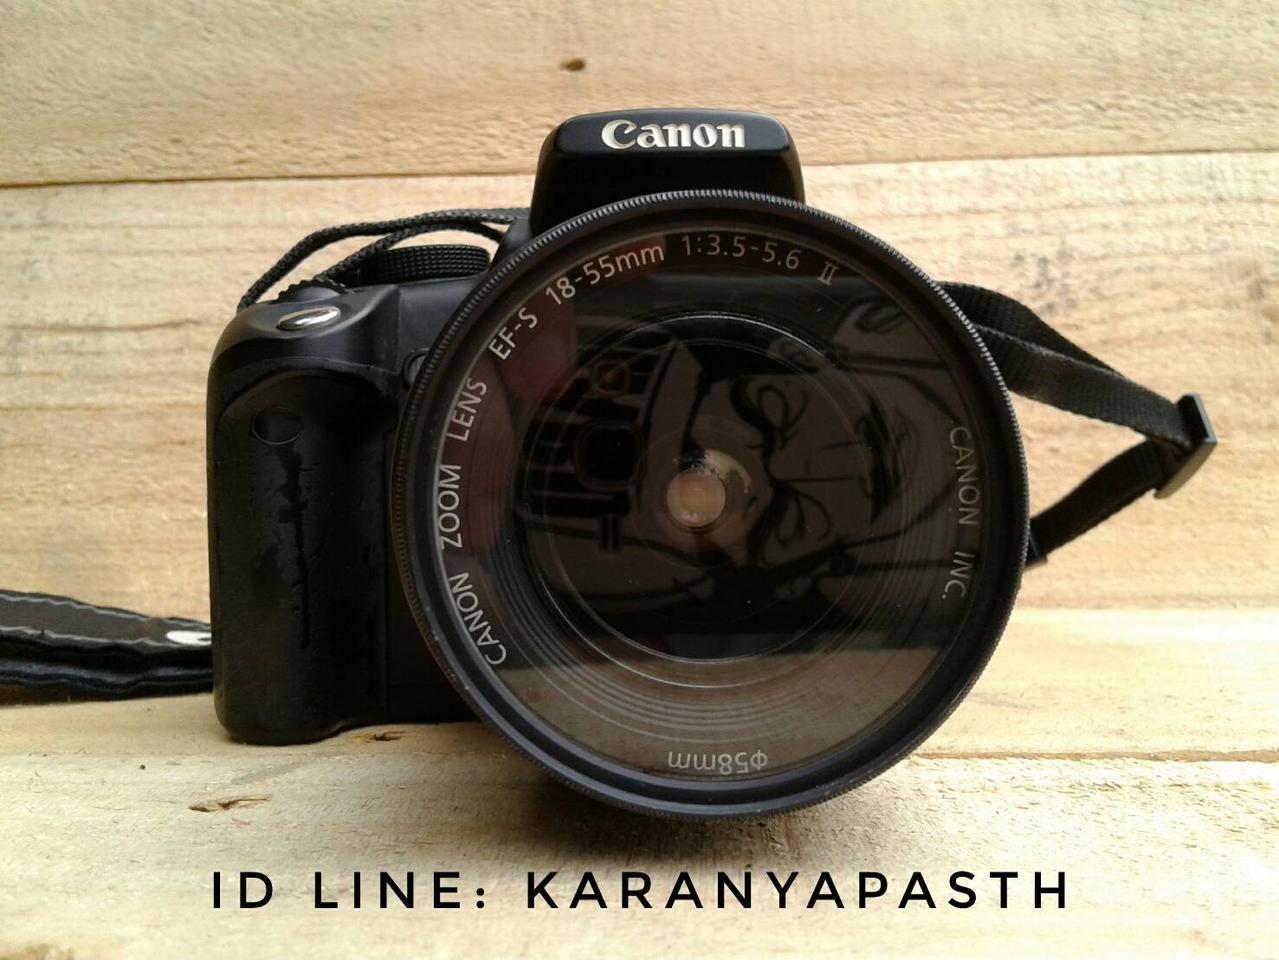 กล้อง canon eos 350d รูปที่ 1